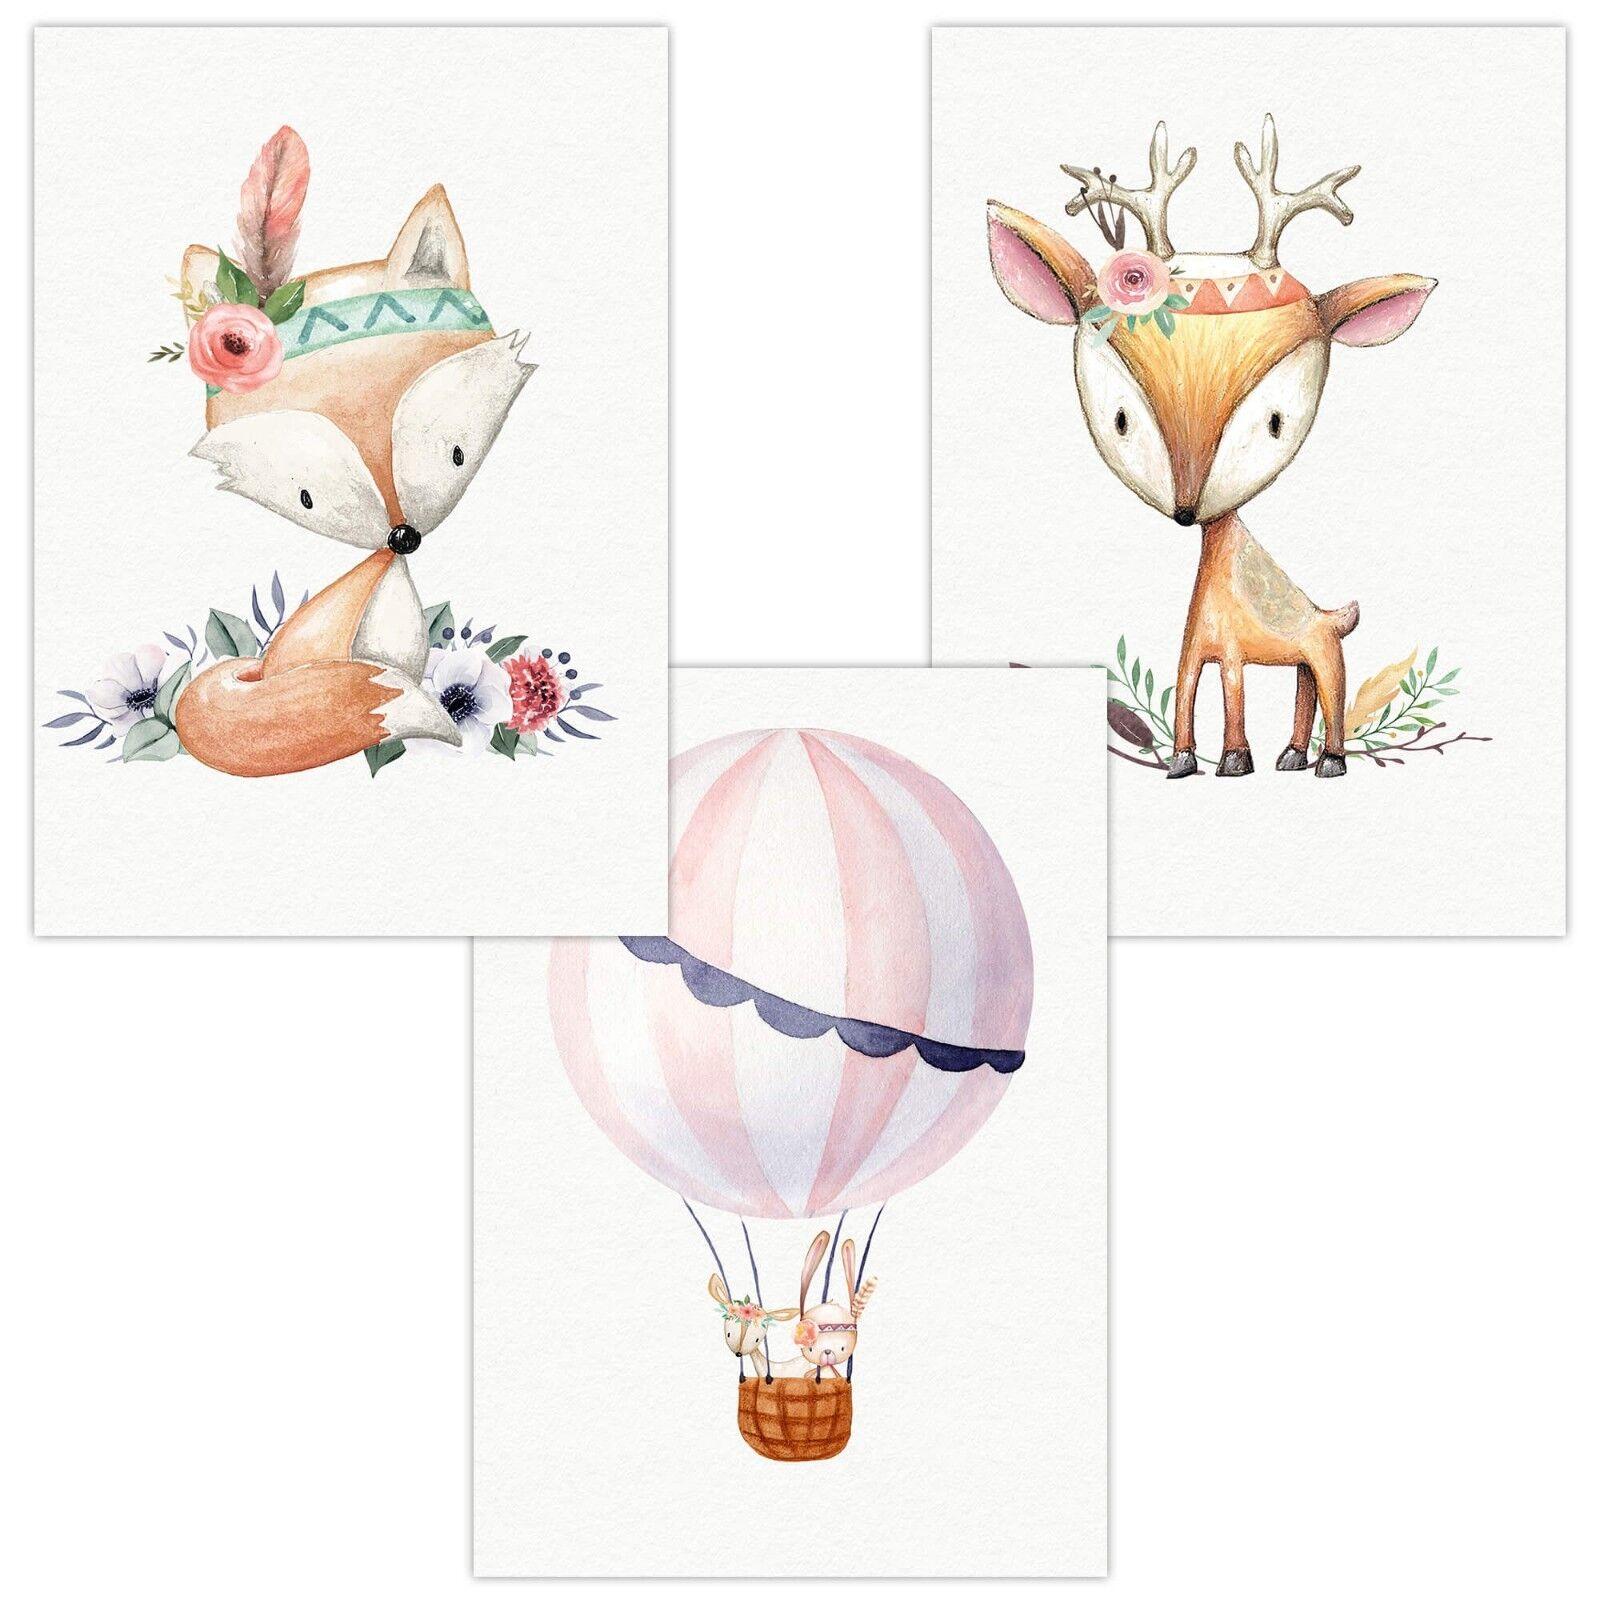 Poster Babyzimmer Test Vergleich +++ Poster Babyzimmer günstig kaufen!